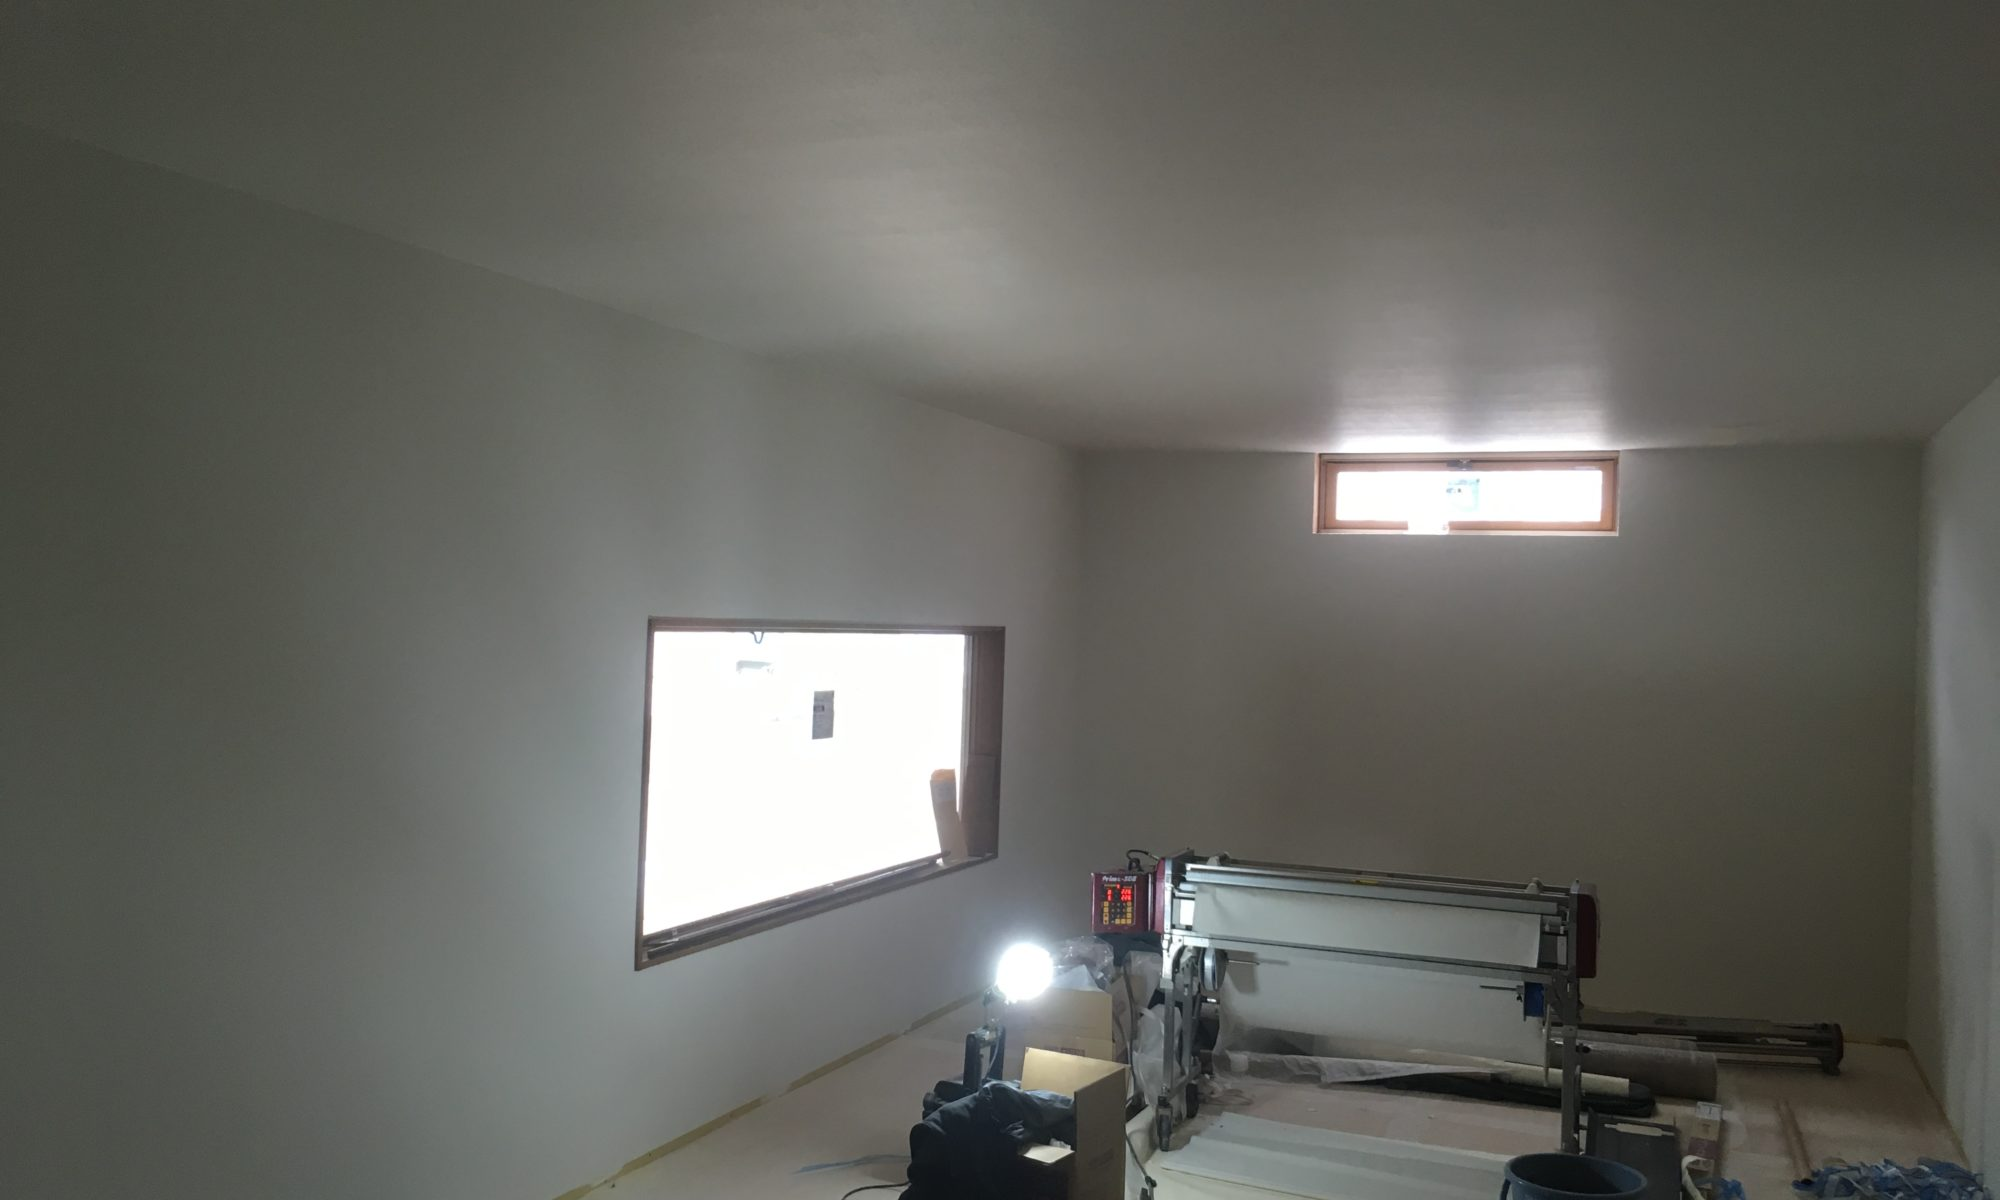 天井は完了し、壁はあと少しです!明日から床CFです!